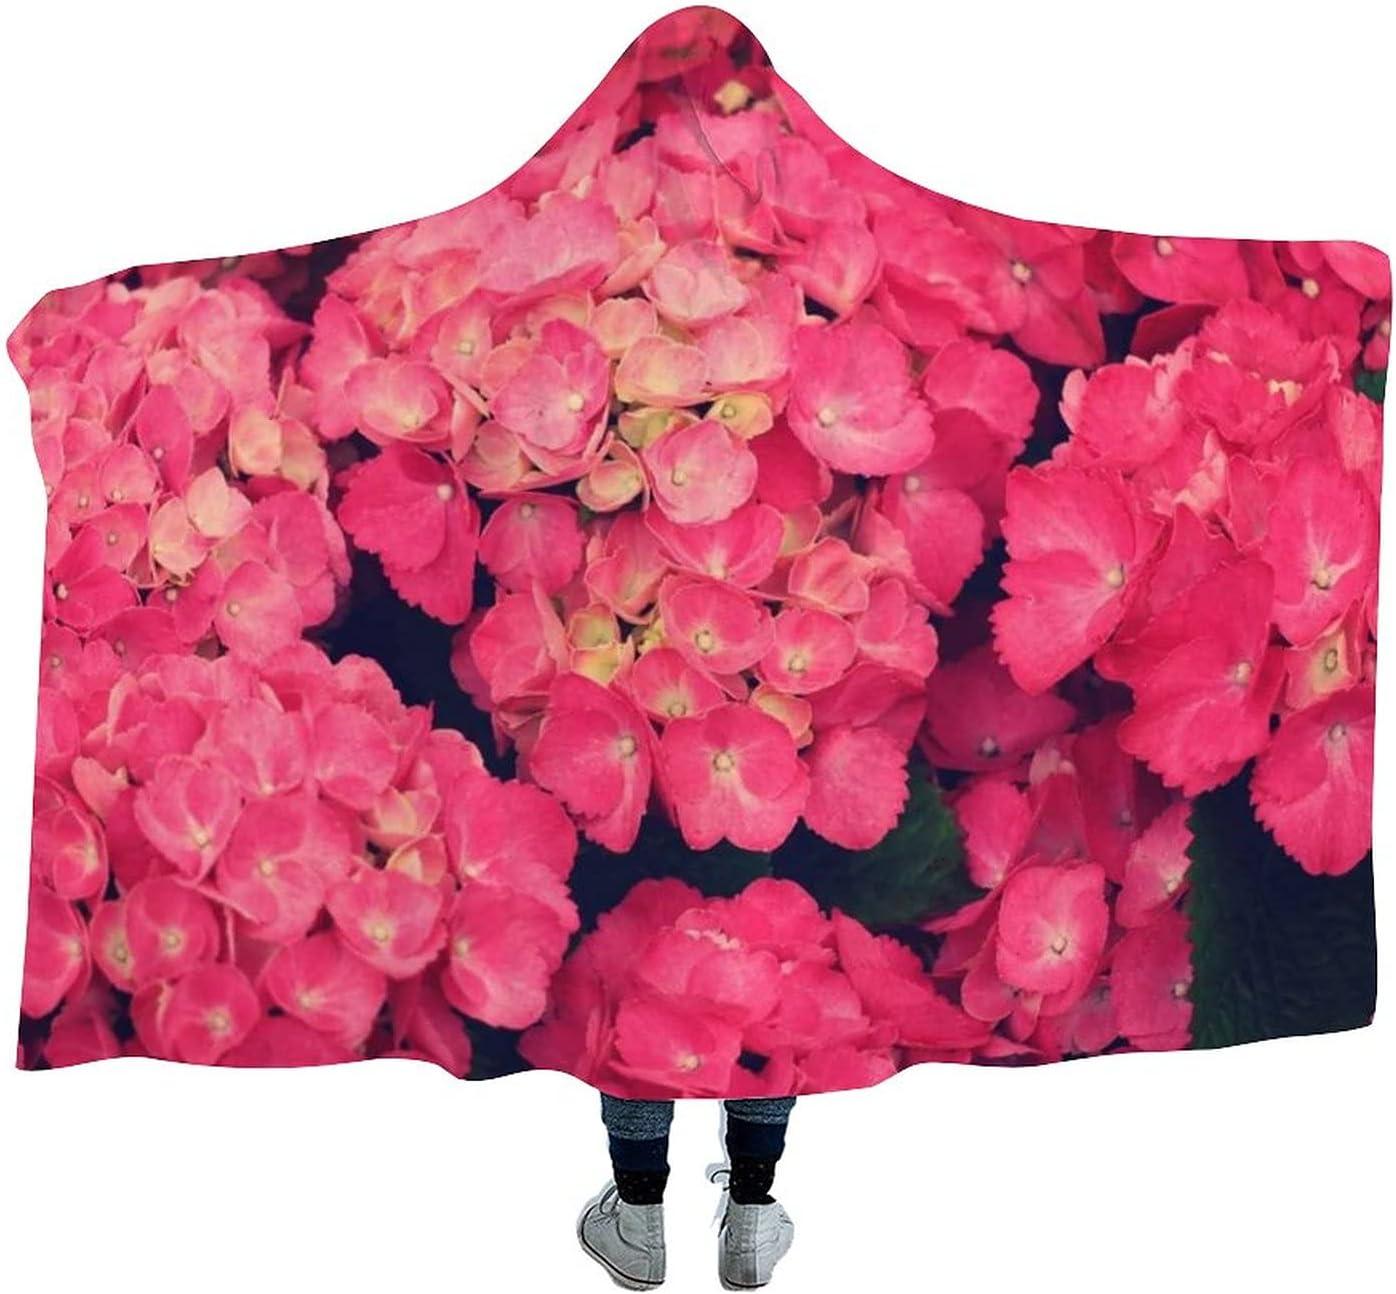 Red Boston Mall Flowers Wearable Velvet Hooded New popularity War Super Blanket Throw Soft